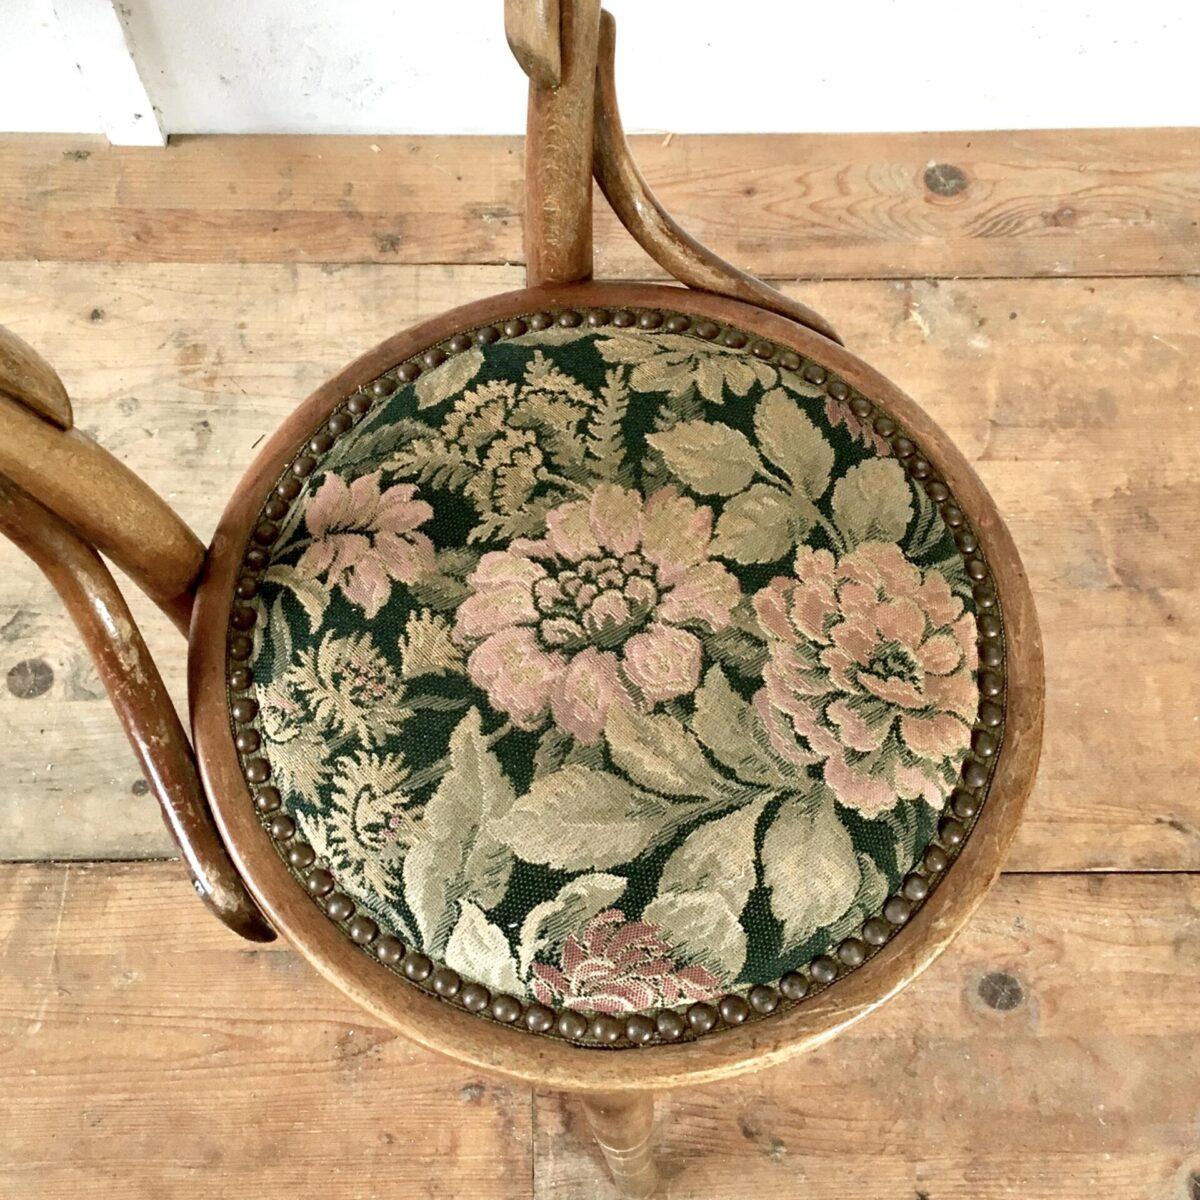 Horgenglarus Polster Stuhl mit Blumen Muster